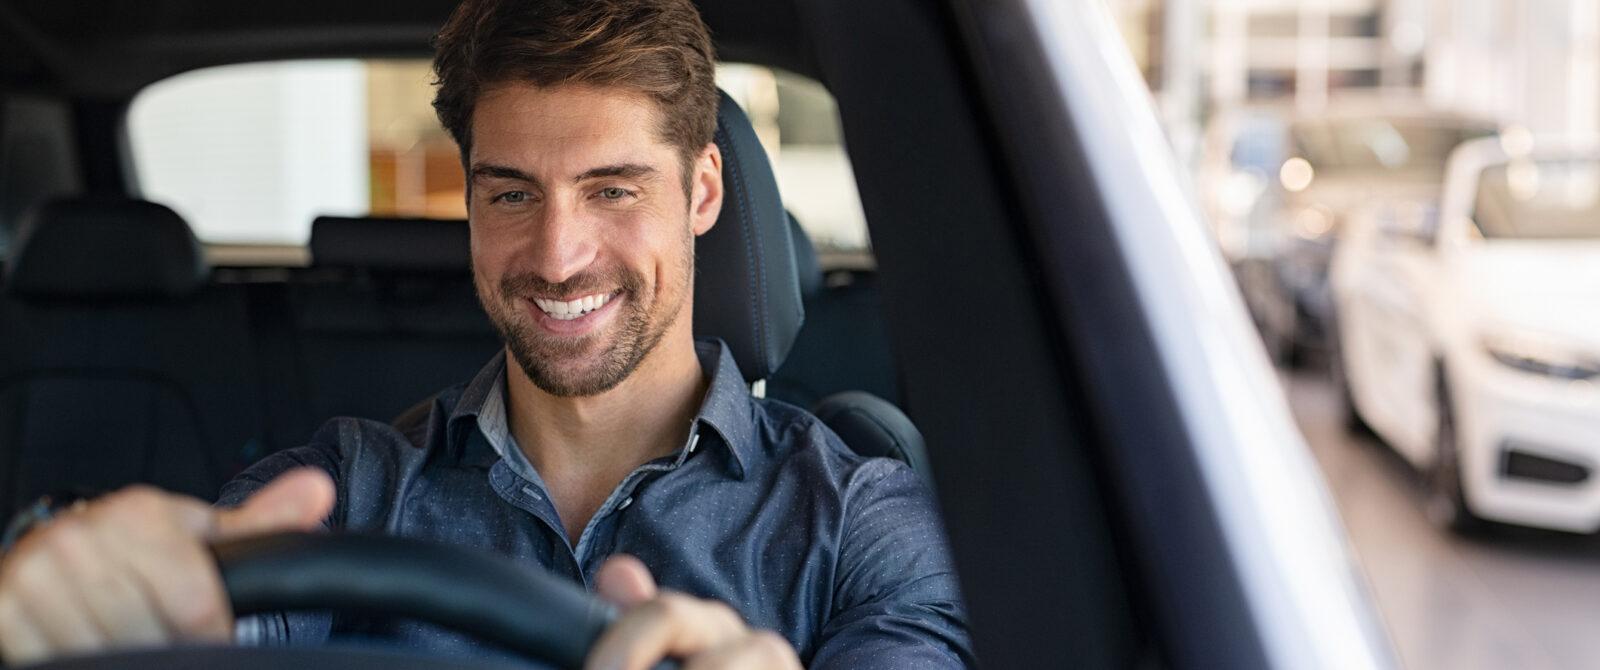 Quatro perguntas que deve fazer antes de comprar um veículo elétrico